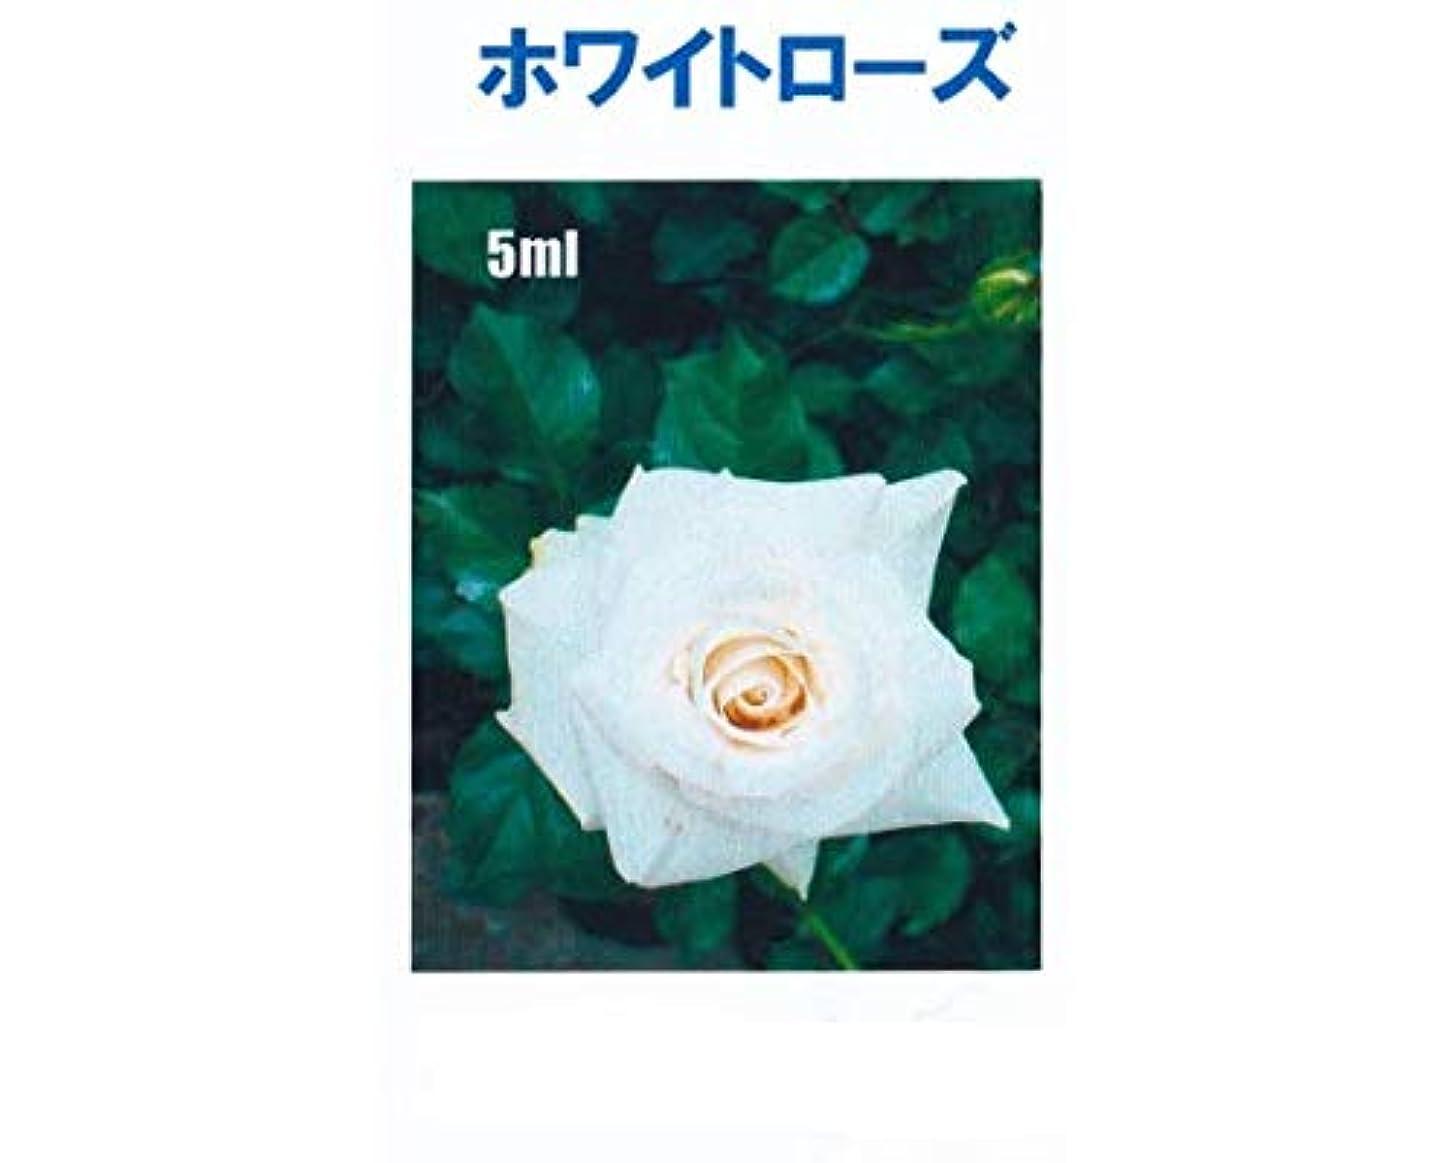 自分トラフィック義務的アロマオイル ホワイトローズ 5ml エッセンシャルオイル 100%天然成分